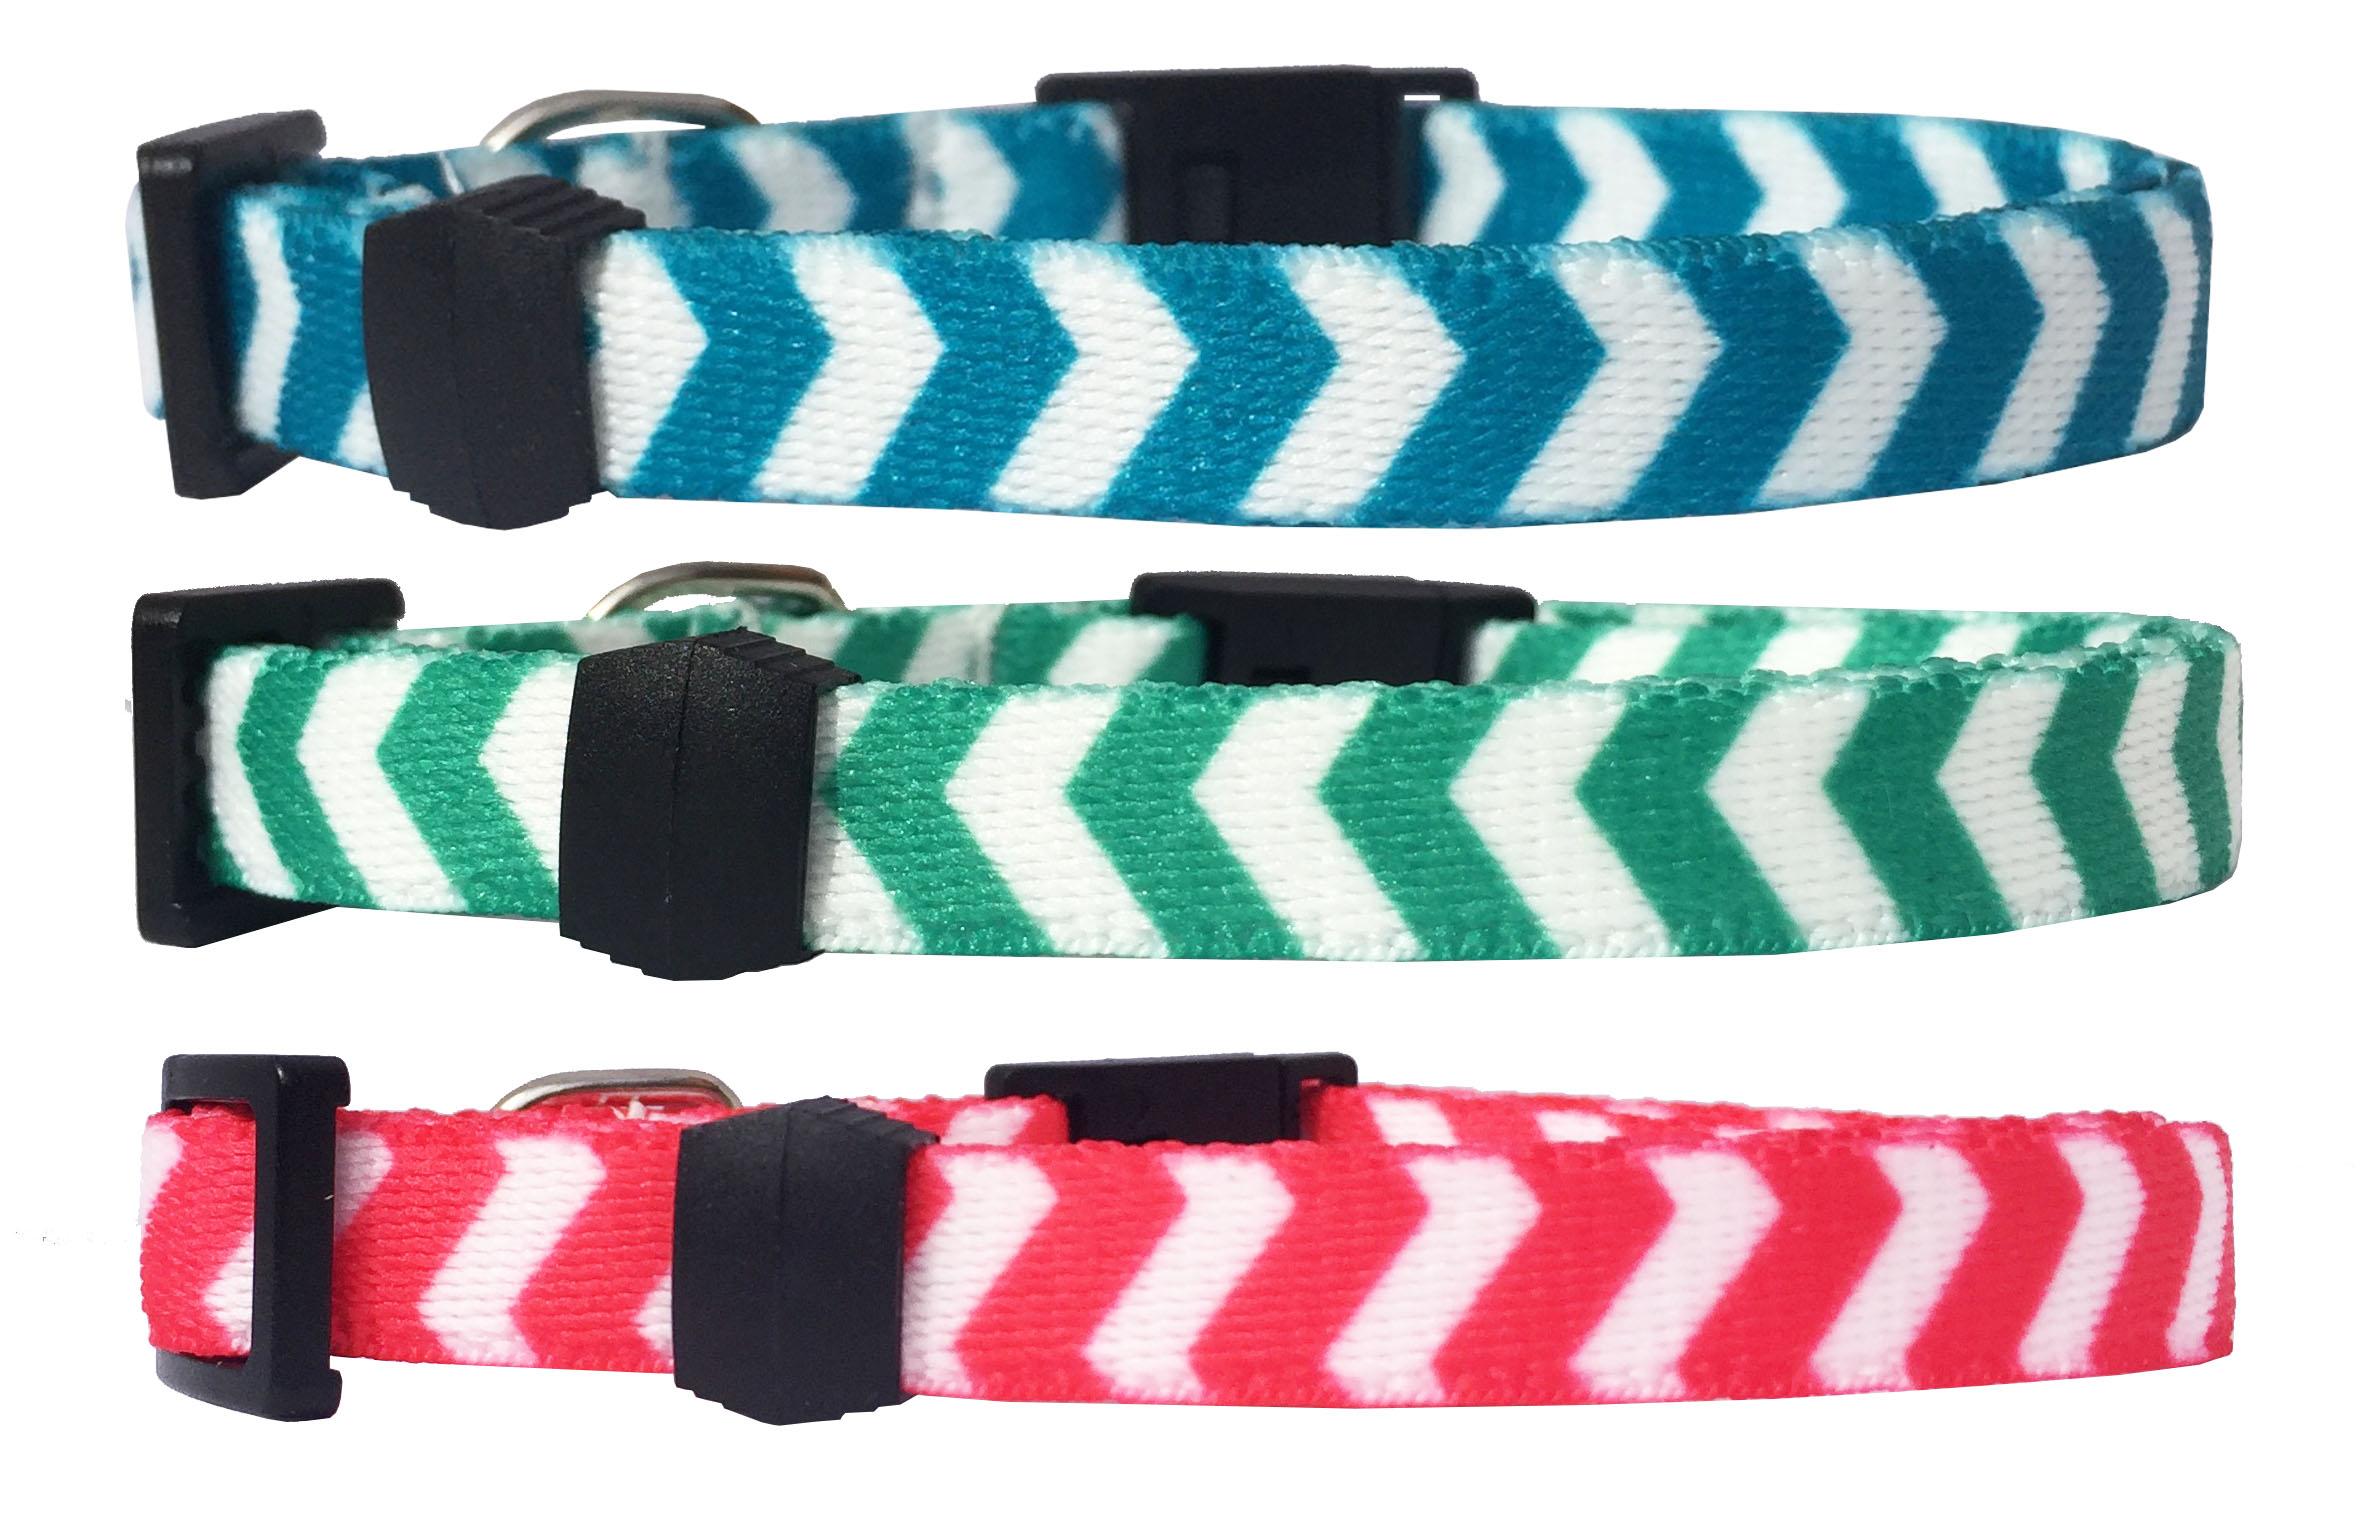 Collar para gato Estampado Chevron de Nylon ( Azul Turquesa - Verde - Coral ) - personalizados con nombre y teléfono.